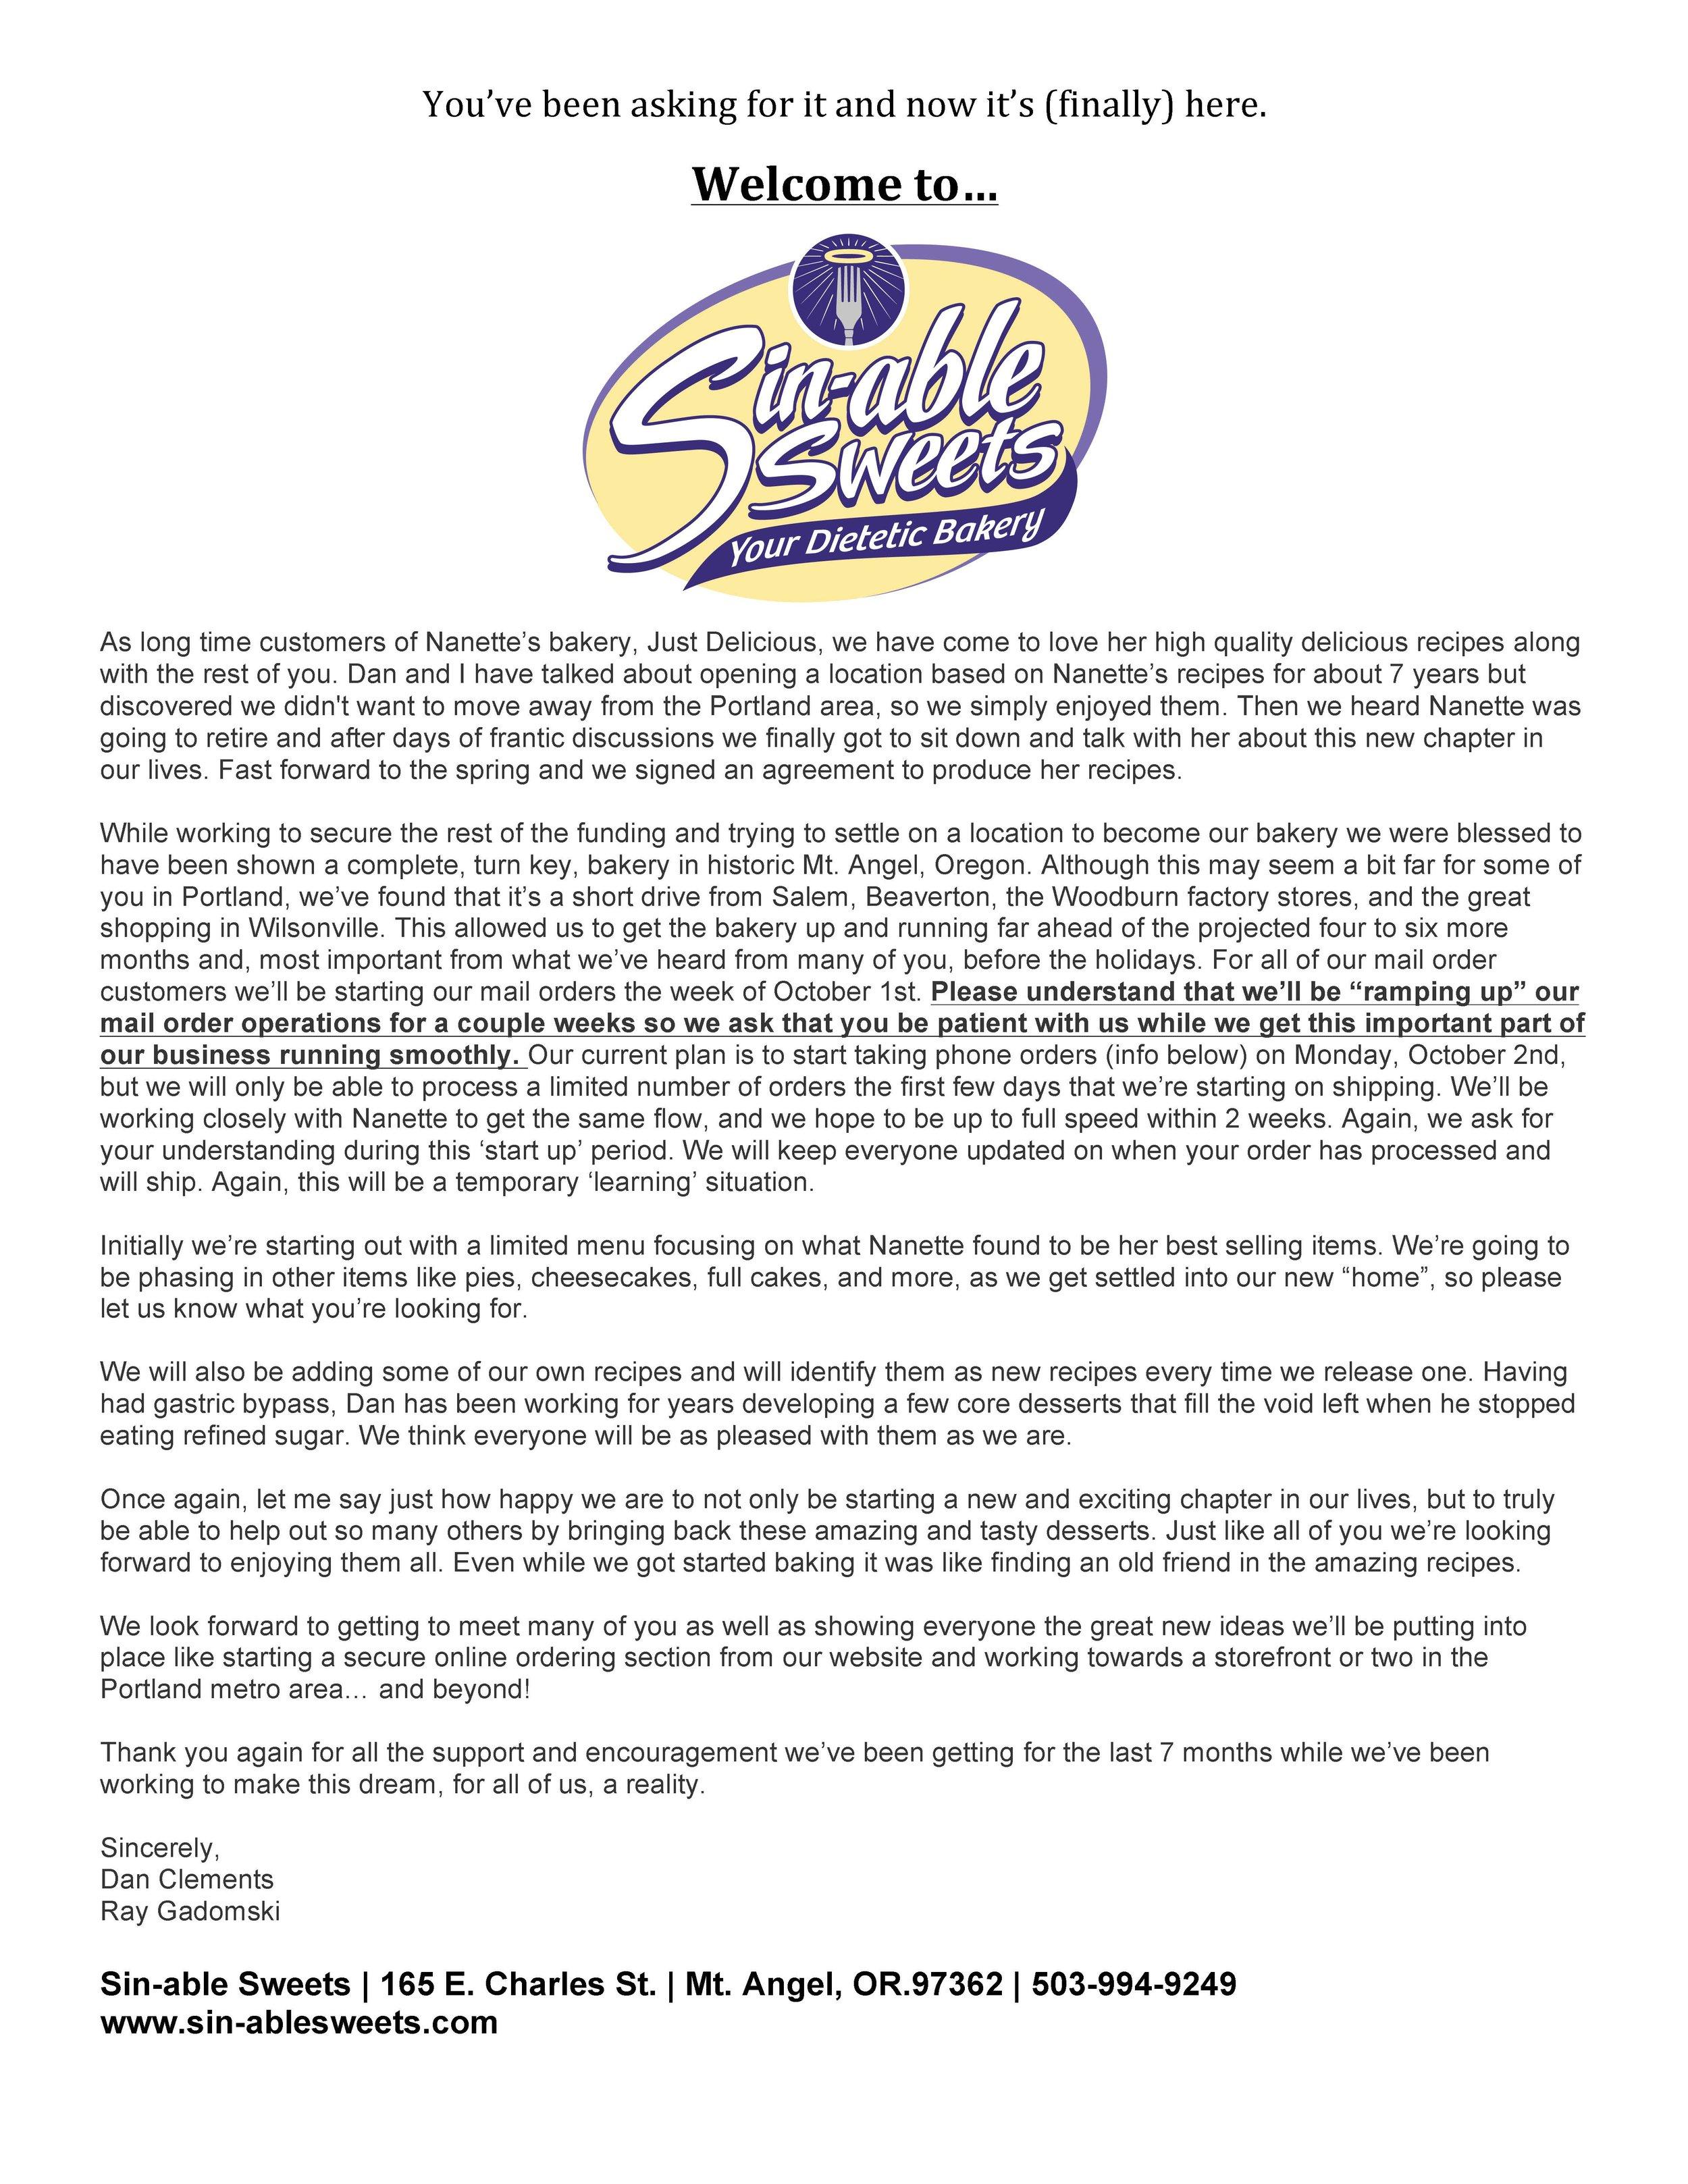 LOGO Initial Bakery Customer Letter.jpg